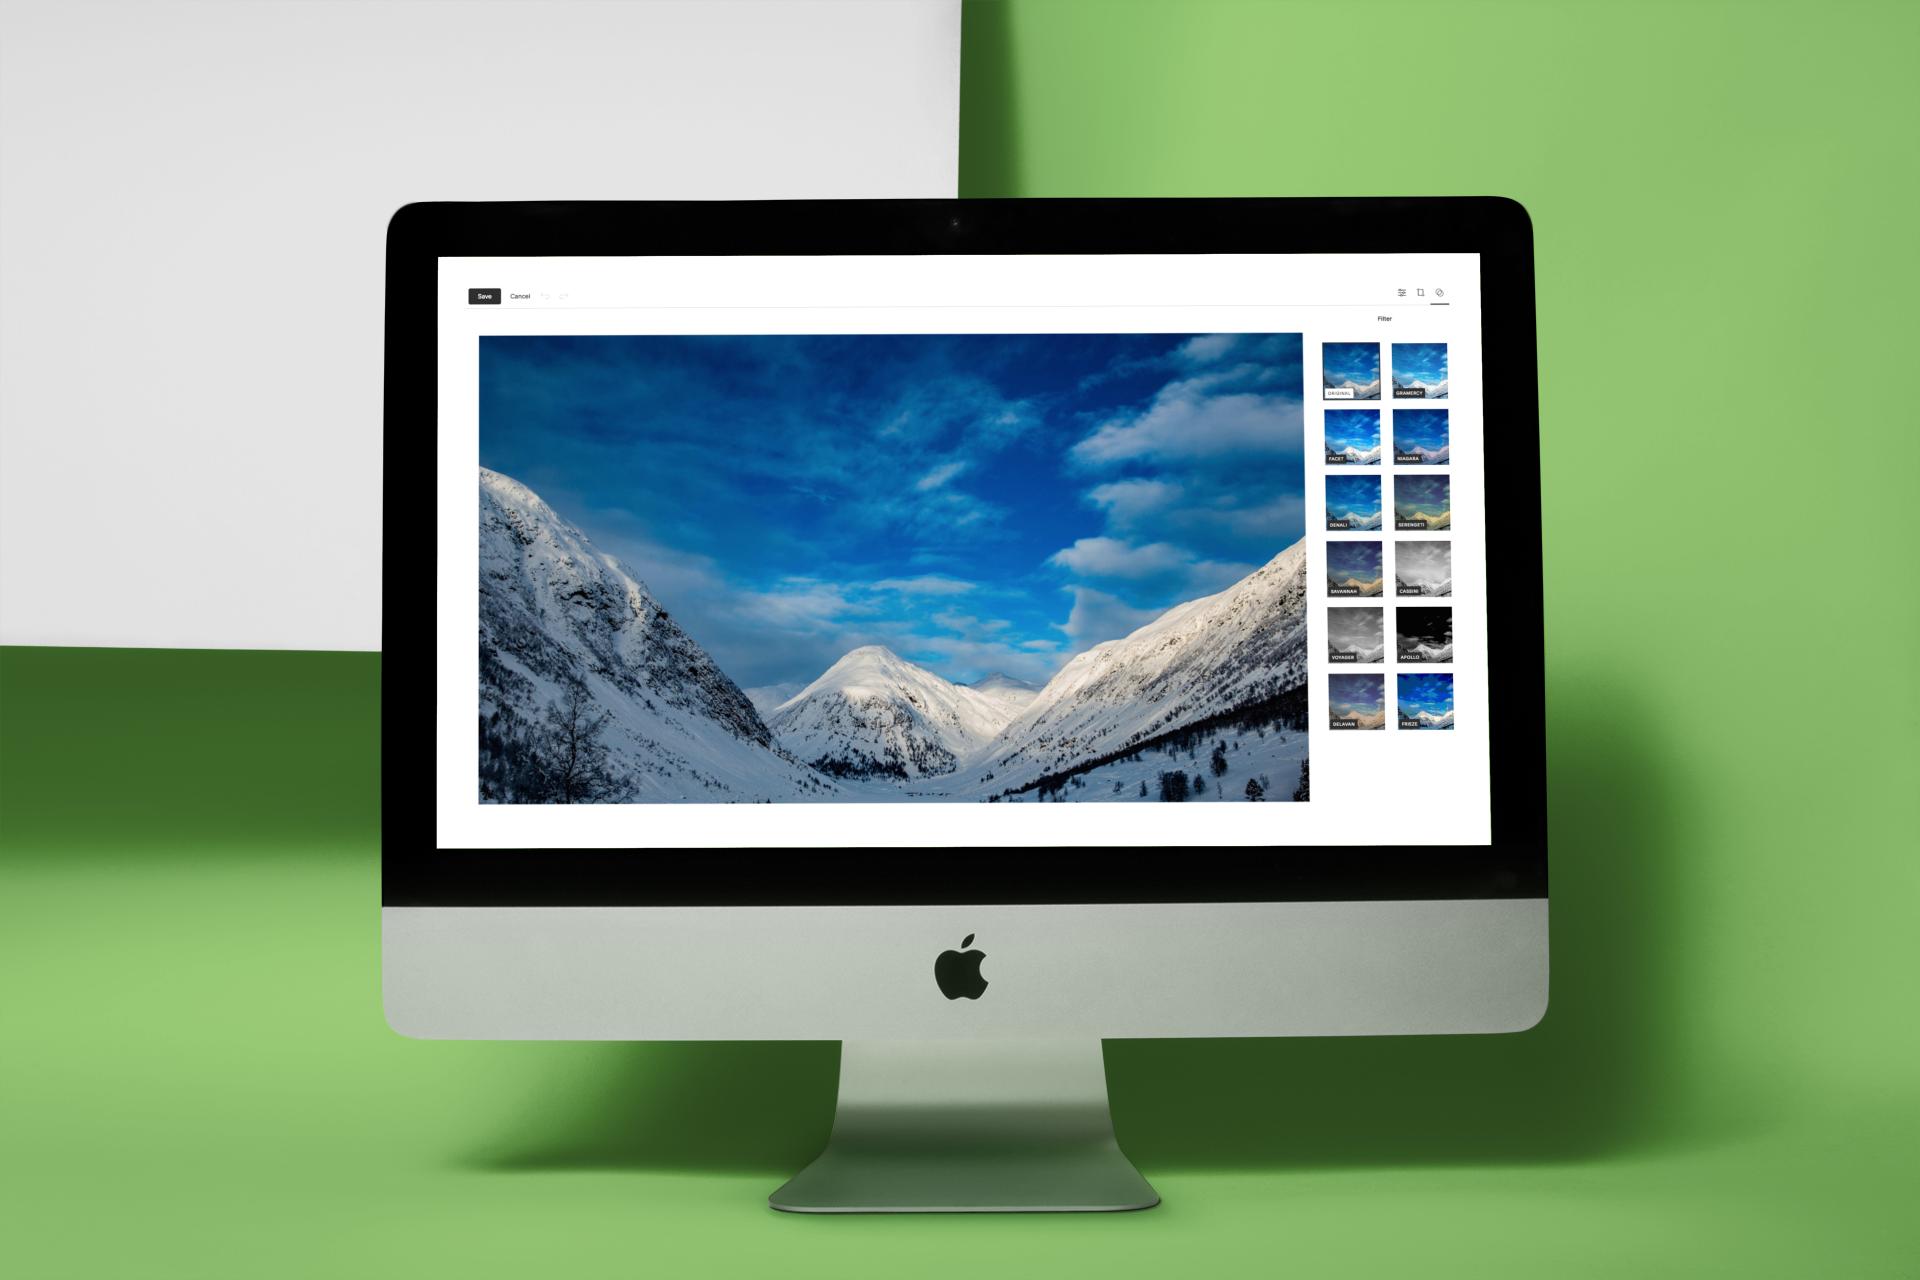 bildebruk-på-squarespace-nettsider.png